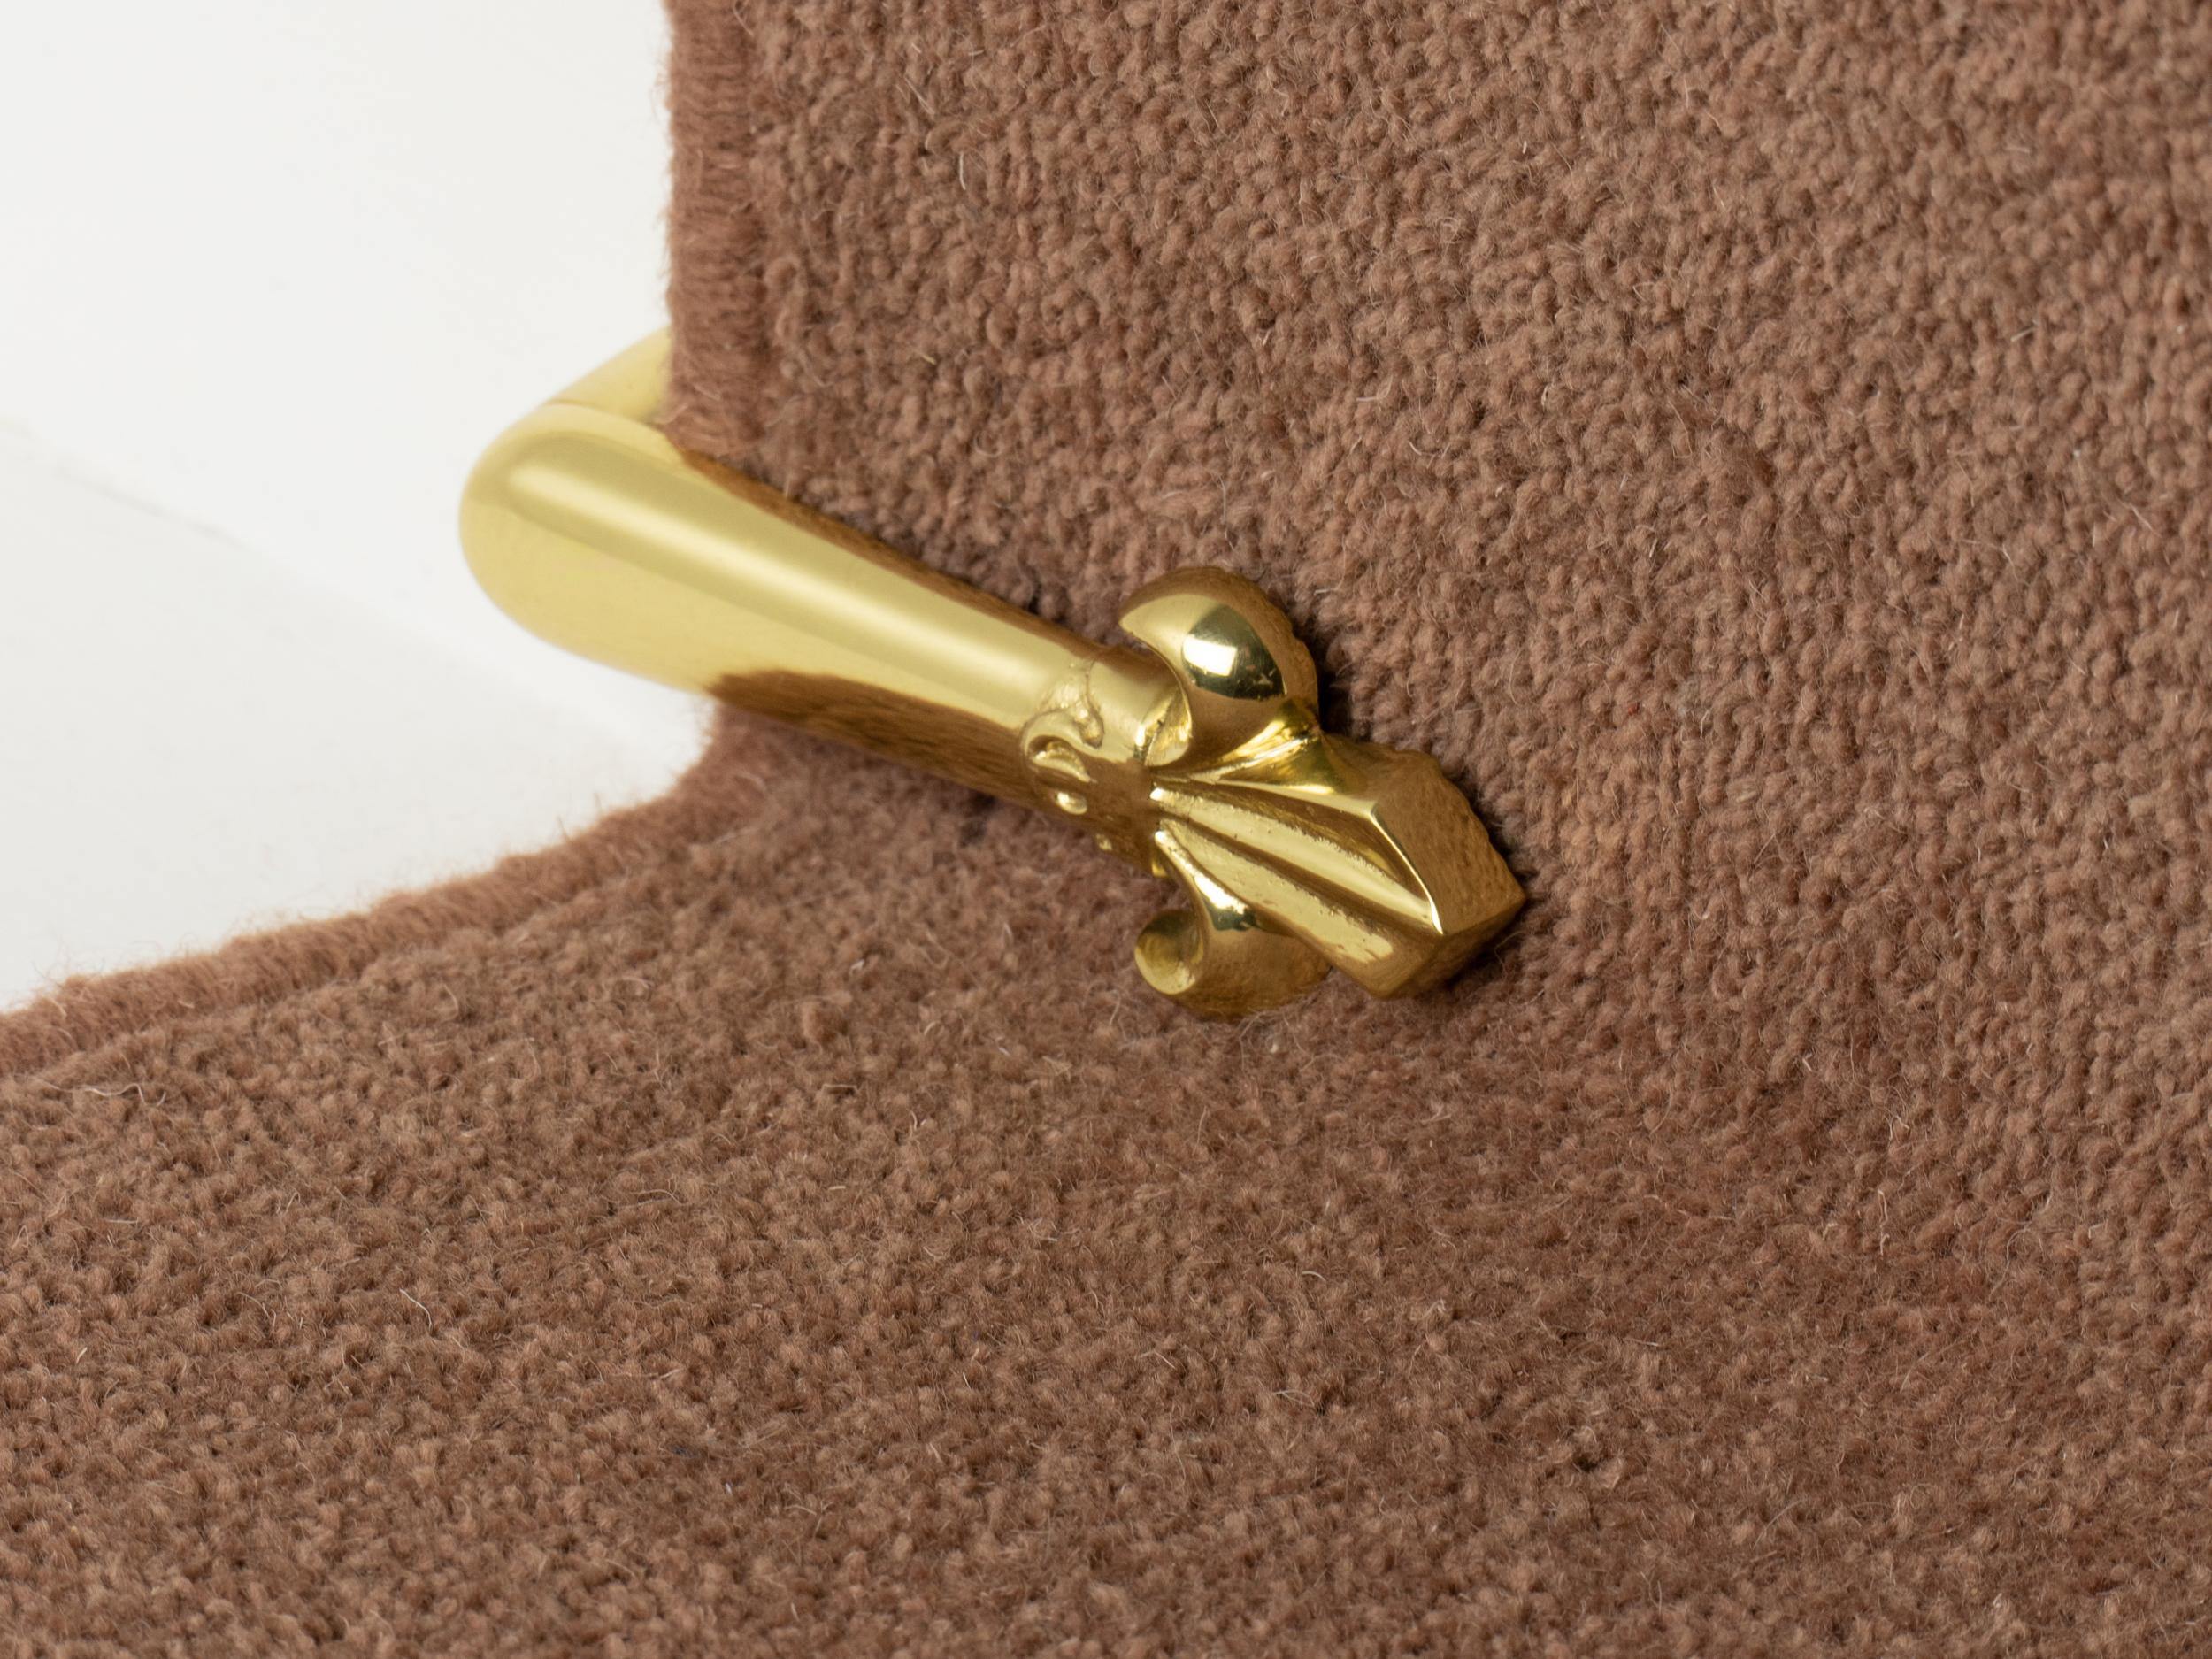 stairrods-brass-stair-clip 2.jpg